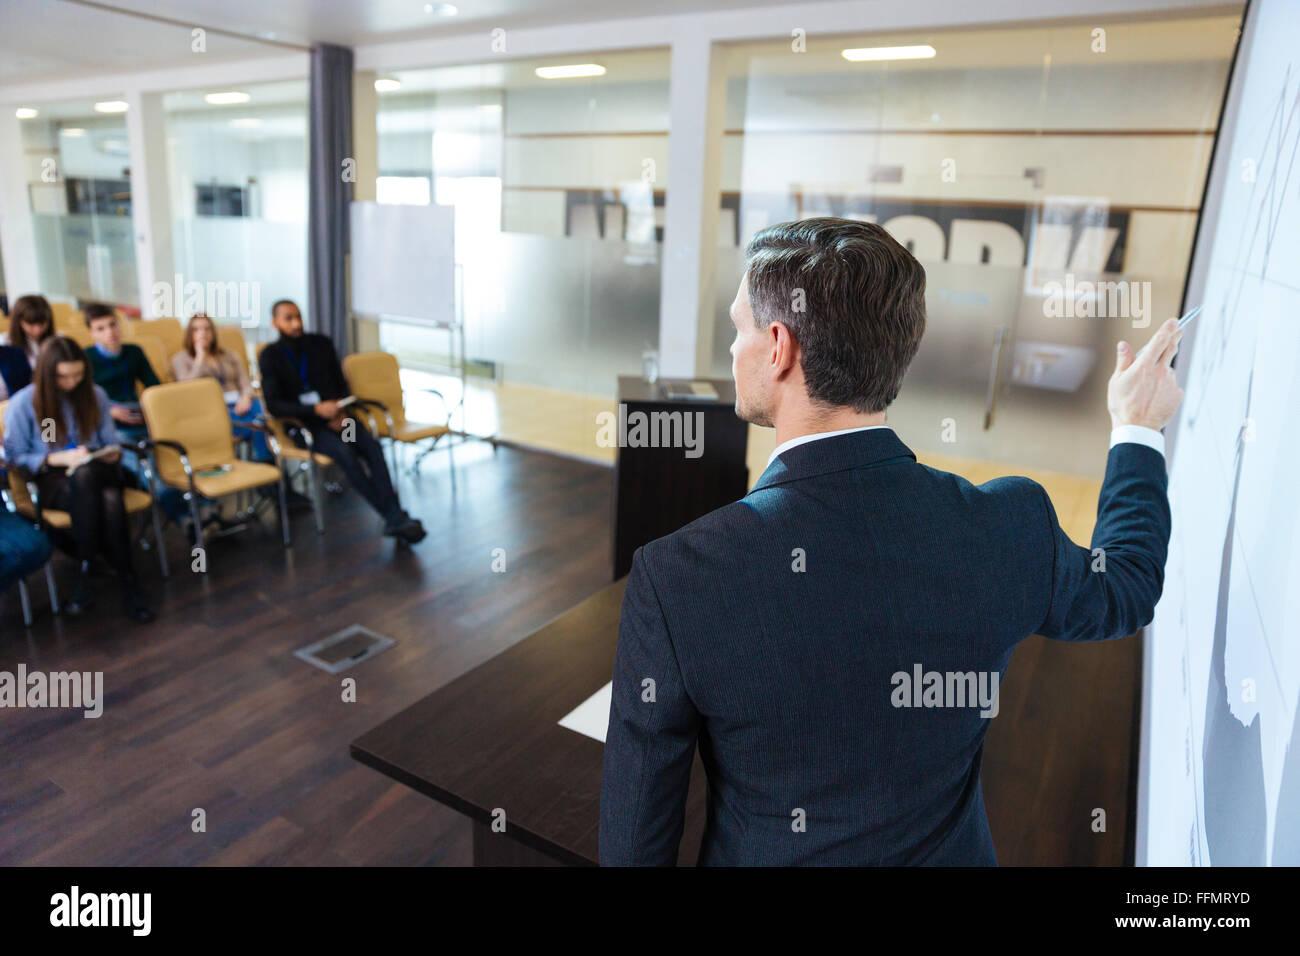 Vue arrière de l'intelligence, le président de conférence d'affaires dans la salle de réunion Photo Stock